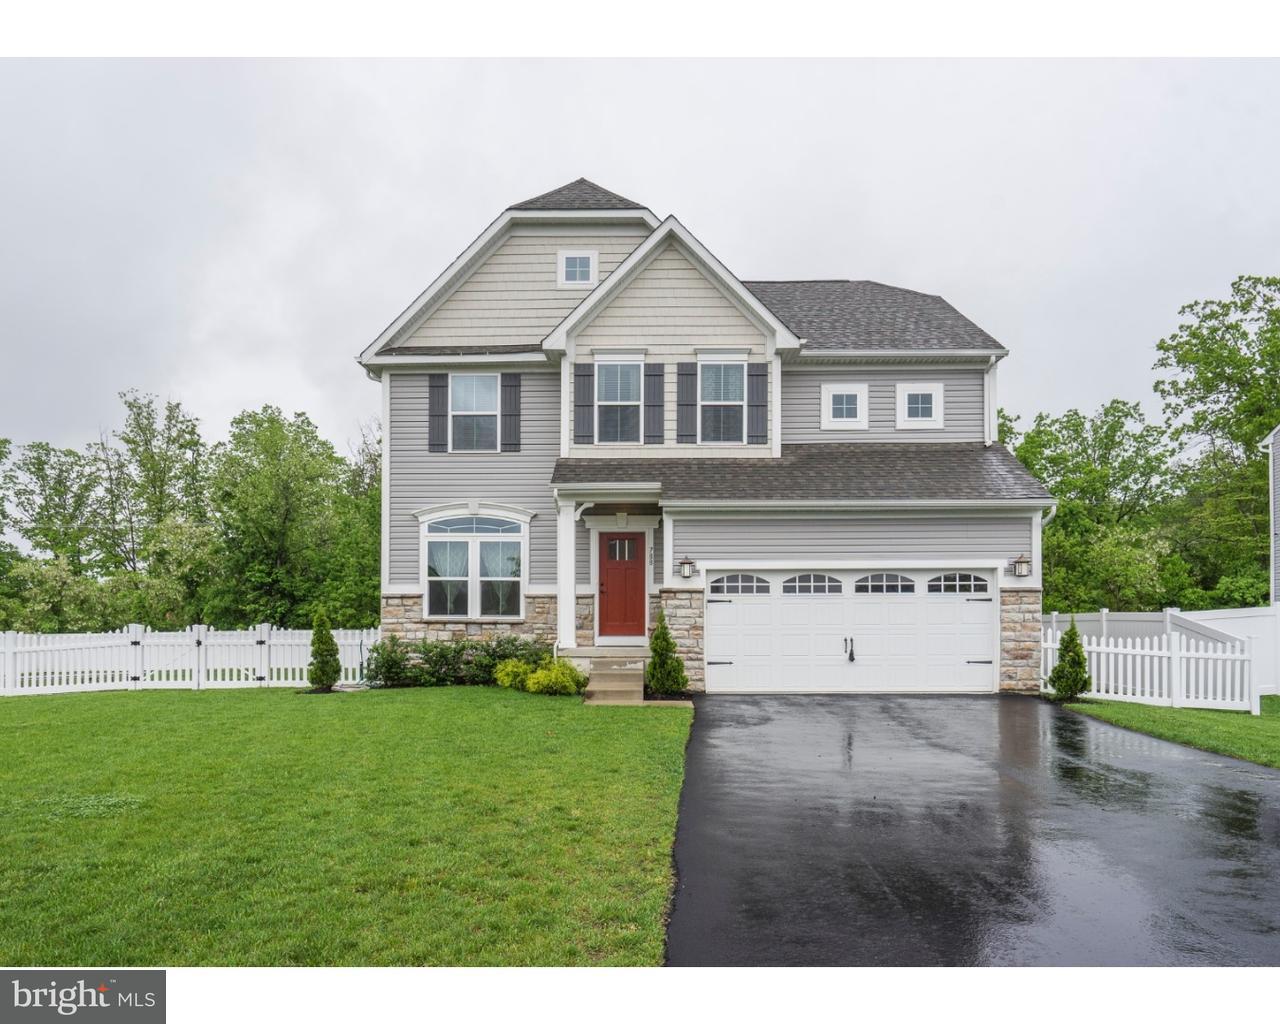 Casa Unifamiliar por un Alquiler en 788 KRISTIN Lane Williamstown, Nueva Jersey 08094 Estados UnidosEn/Alrededor: Monroe Township